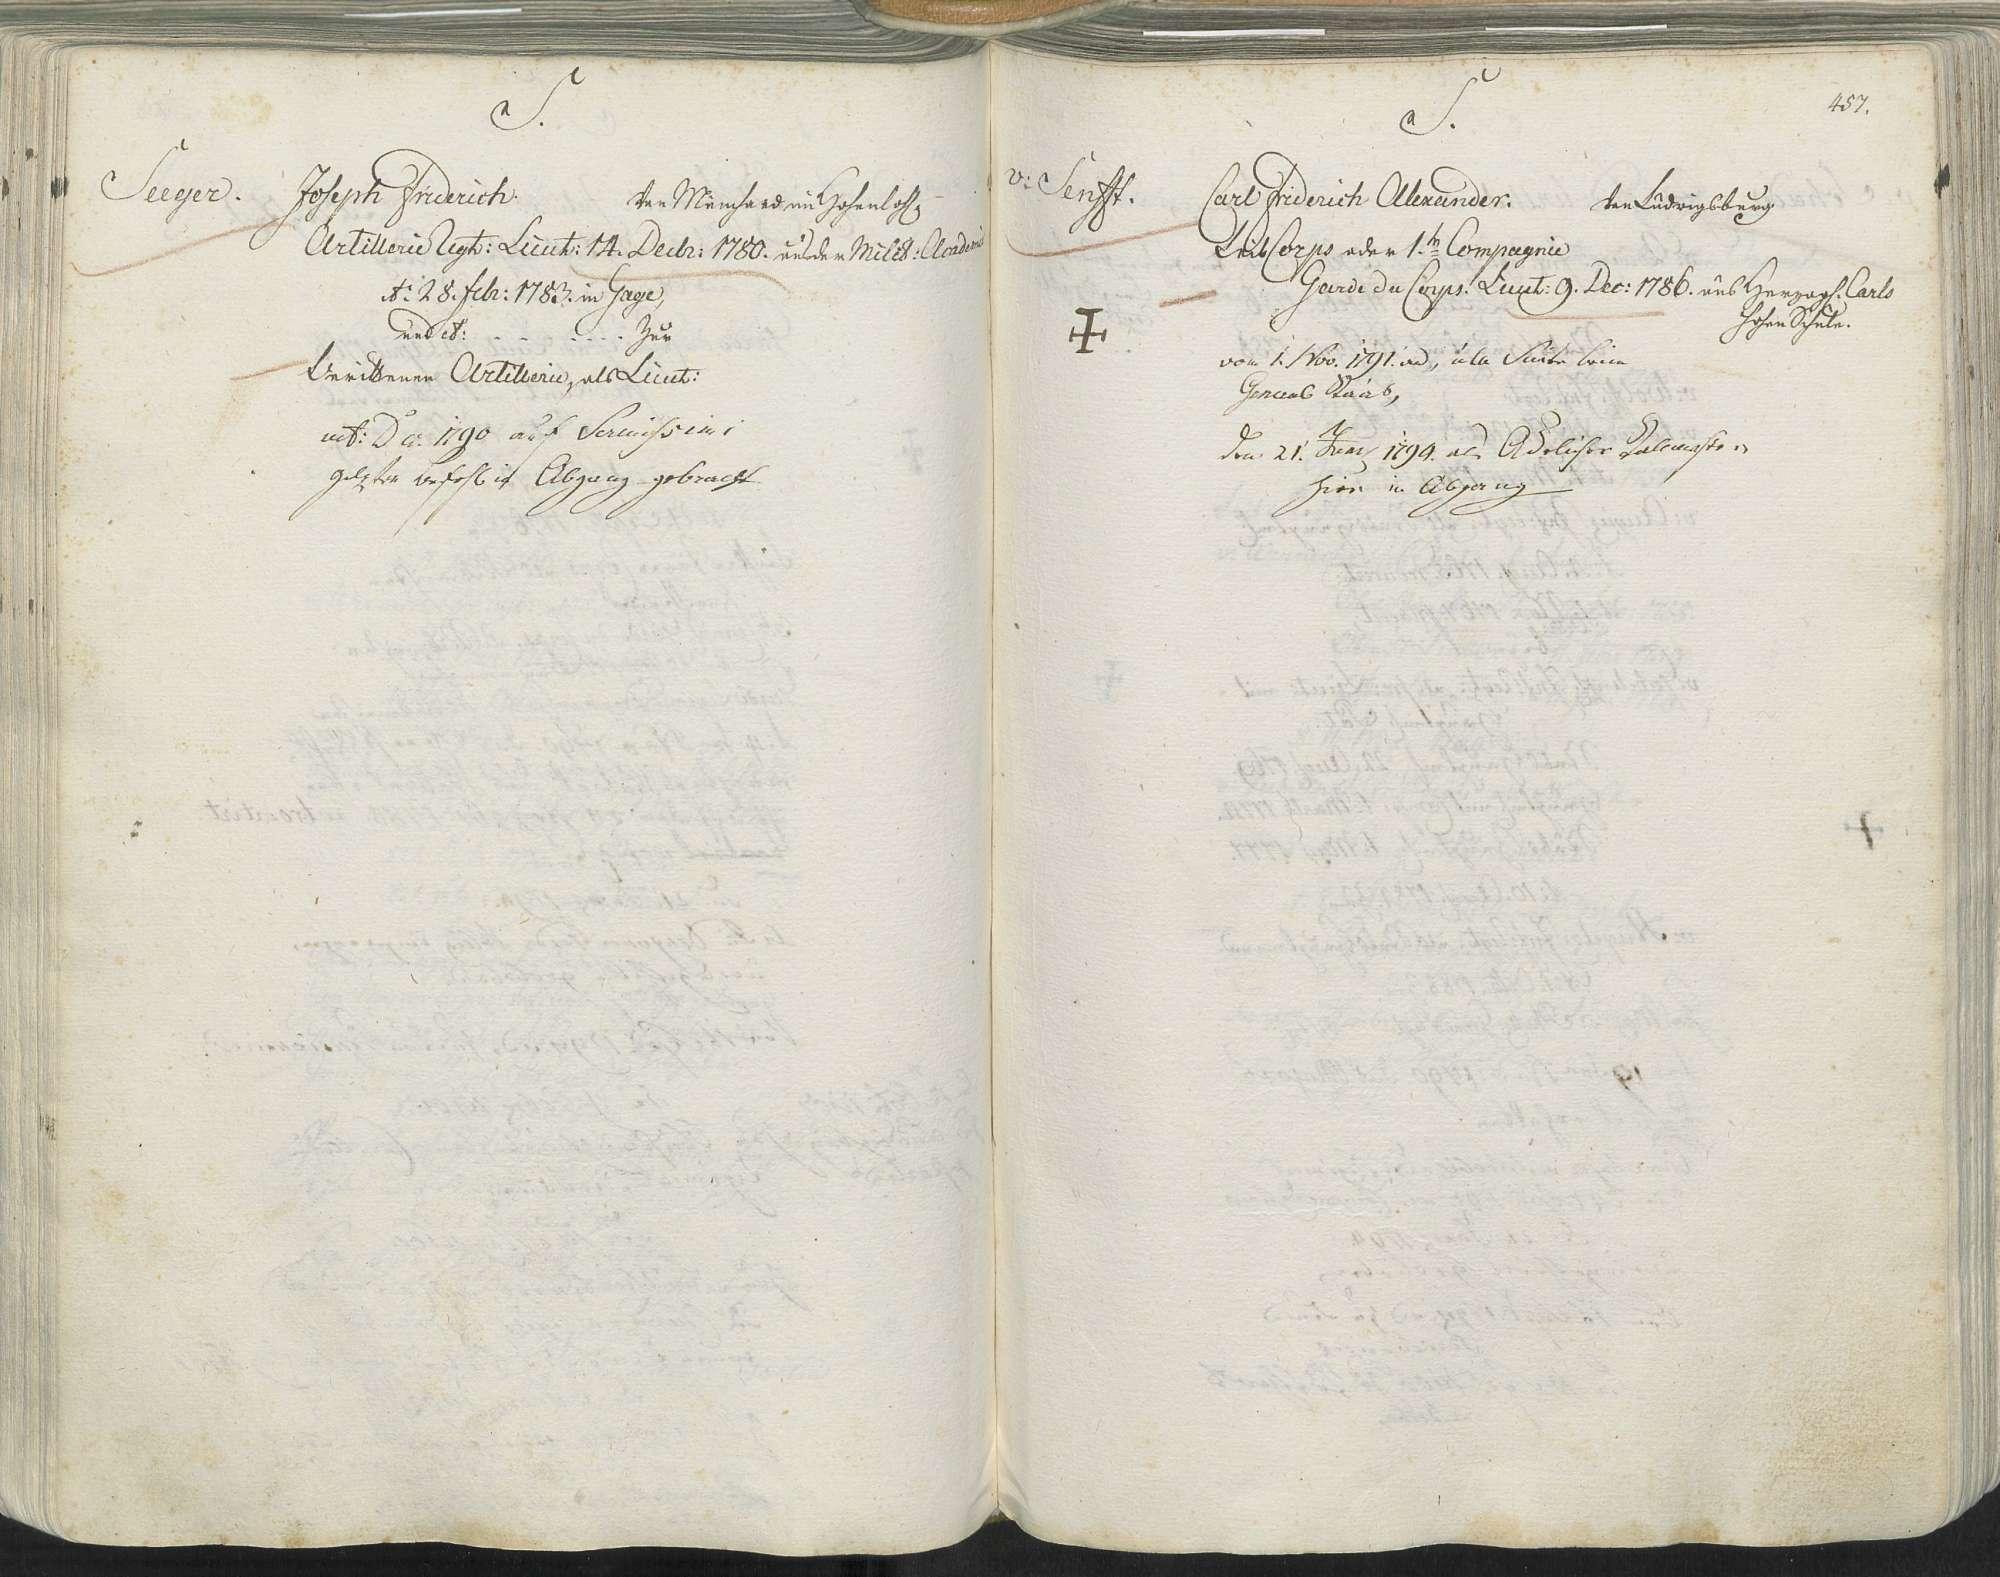 Seeger, Joseph Friedrich, Bild 1